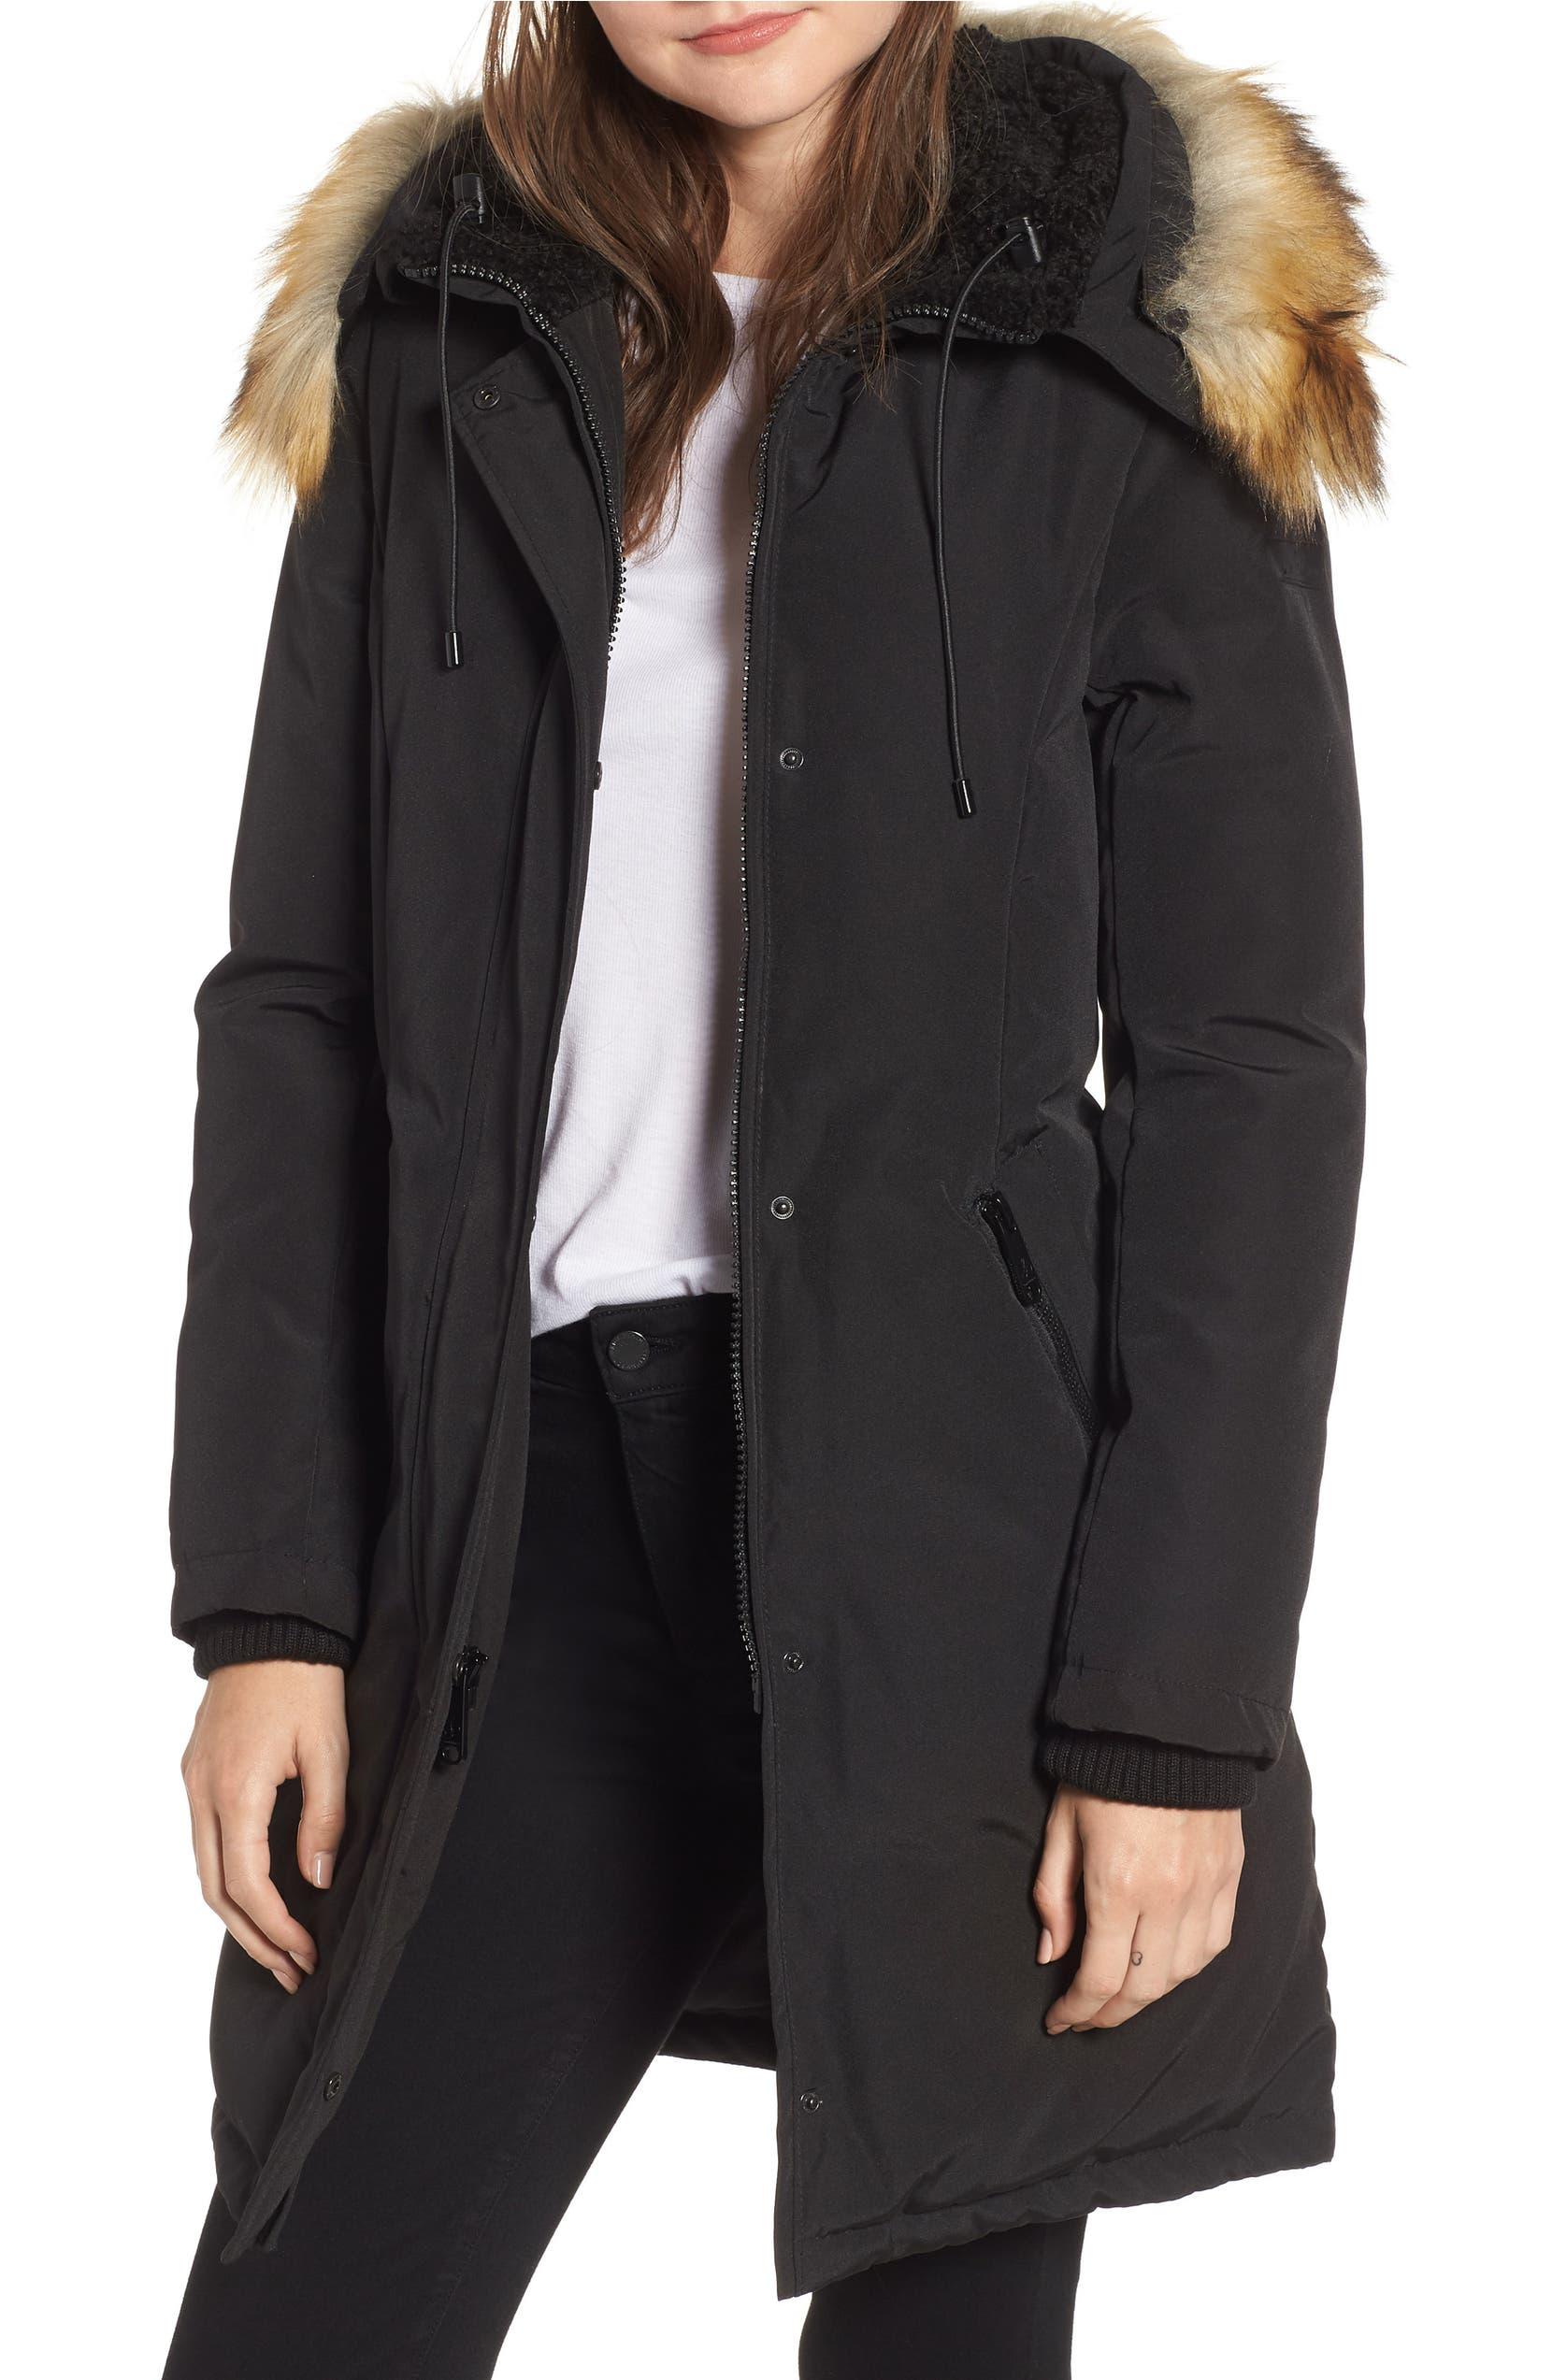 1cbc76721 Sam Edelman Faux Fur Trim Down Jacket